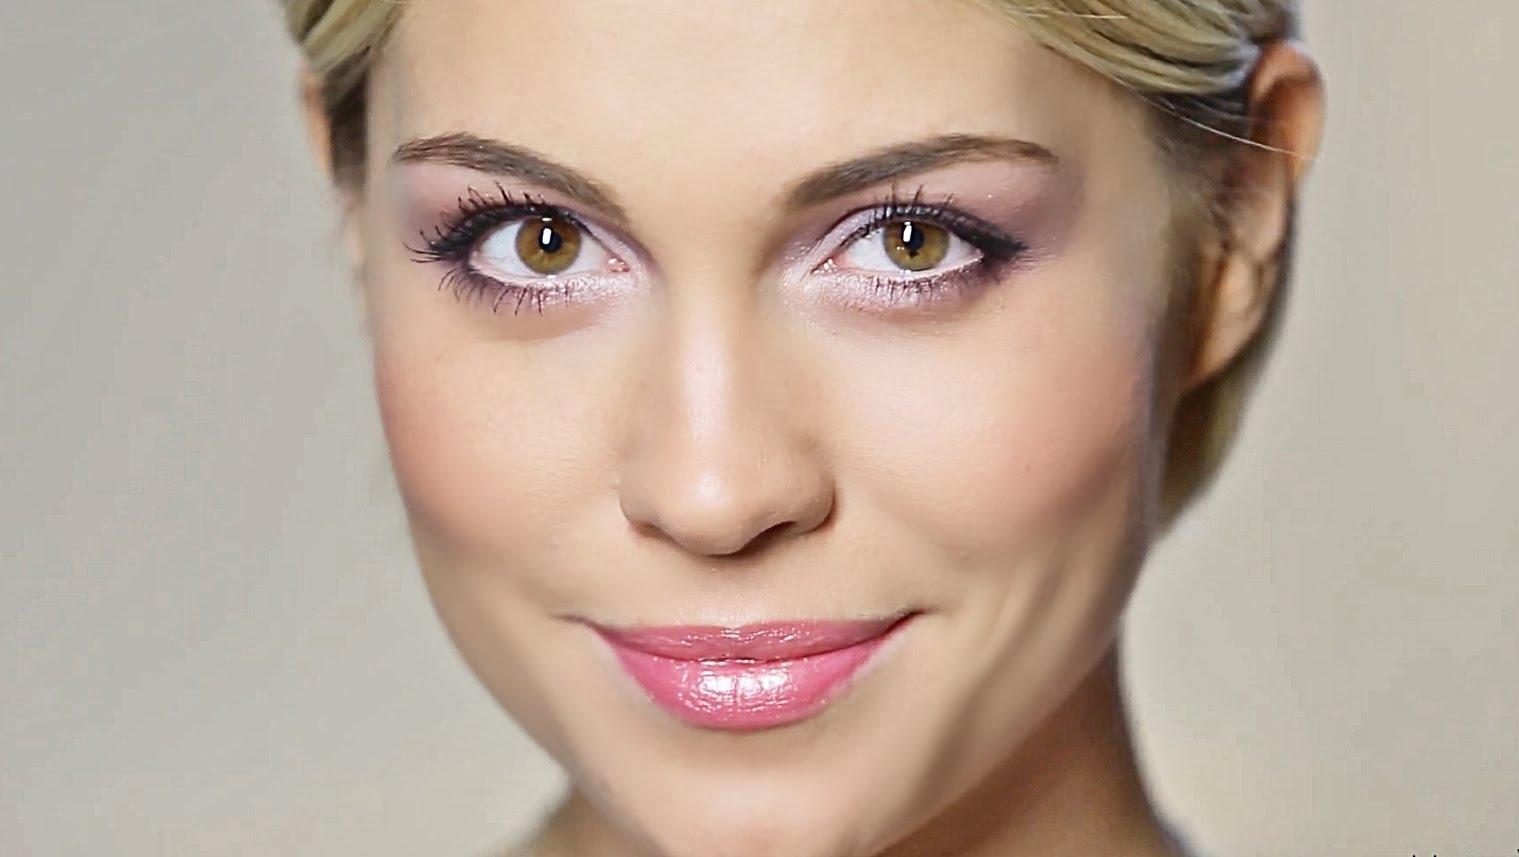 Женщина с макияжем, которой за 30 лет